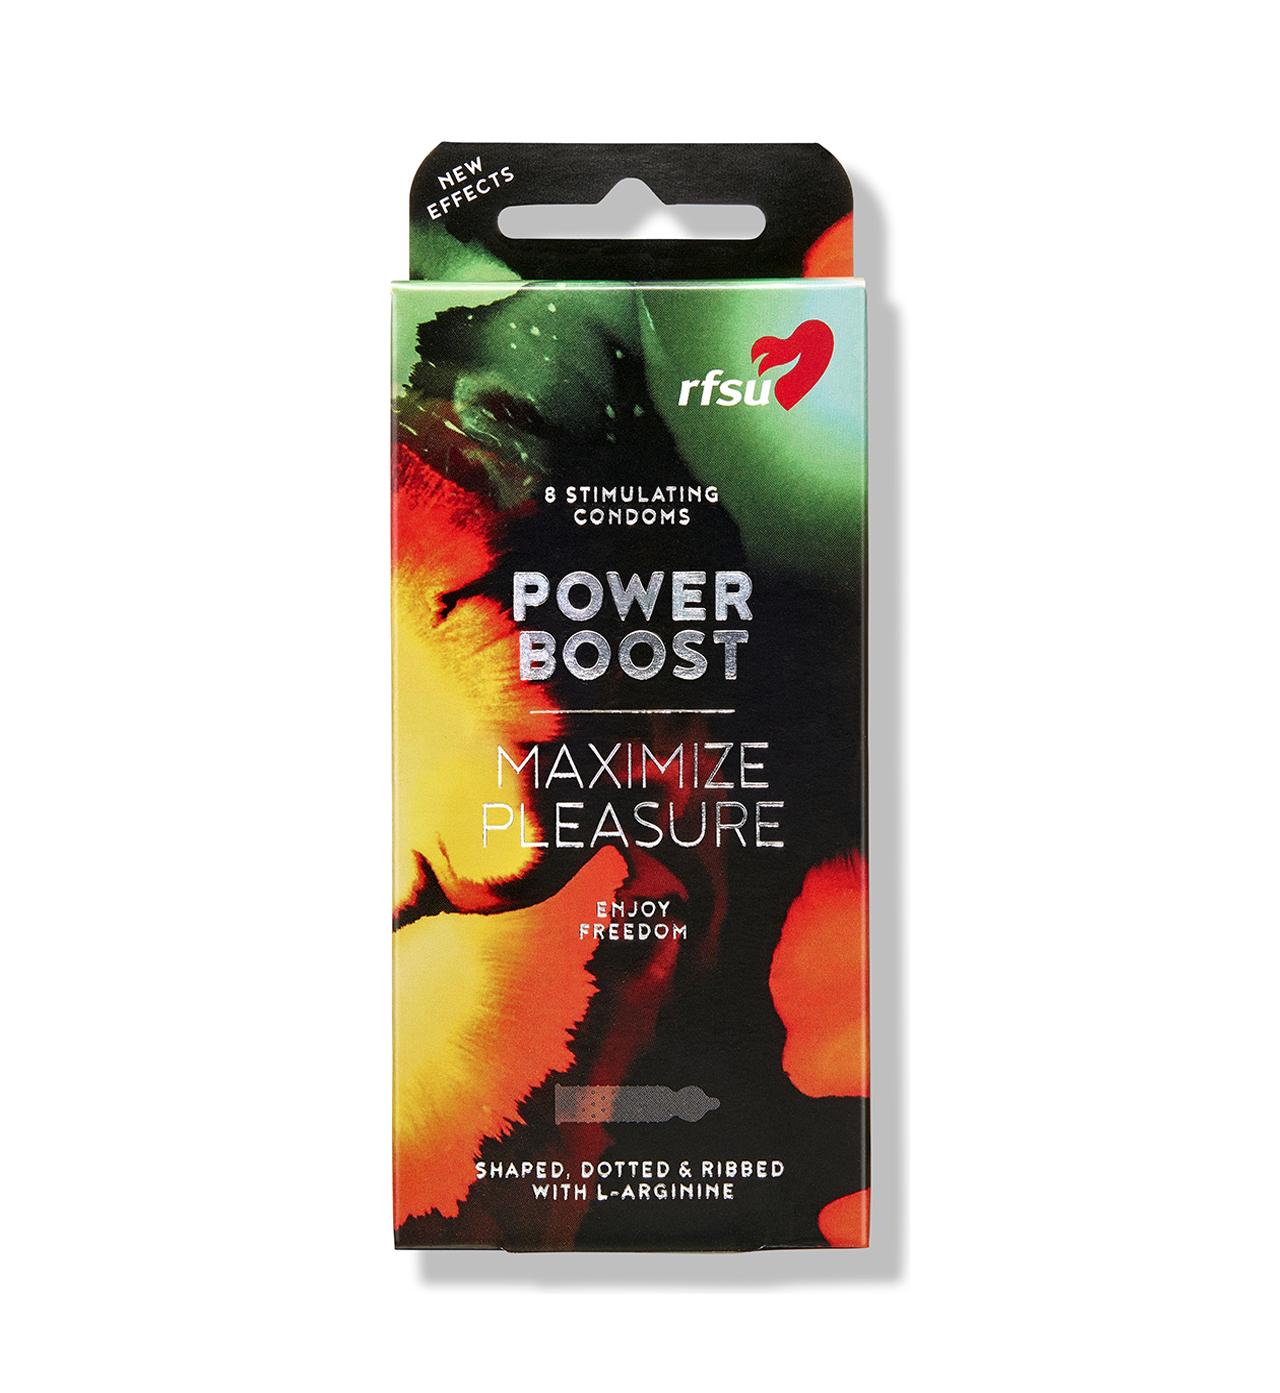 rfsu power boost kondomer 8 pack